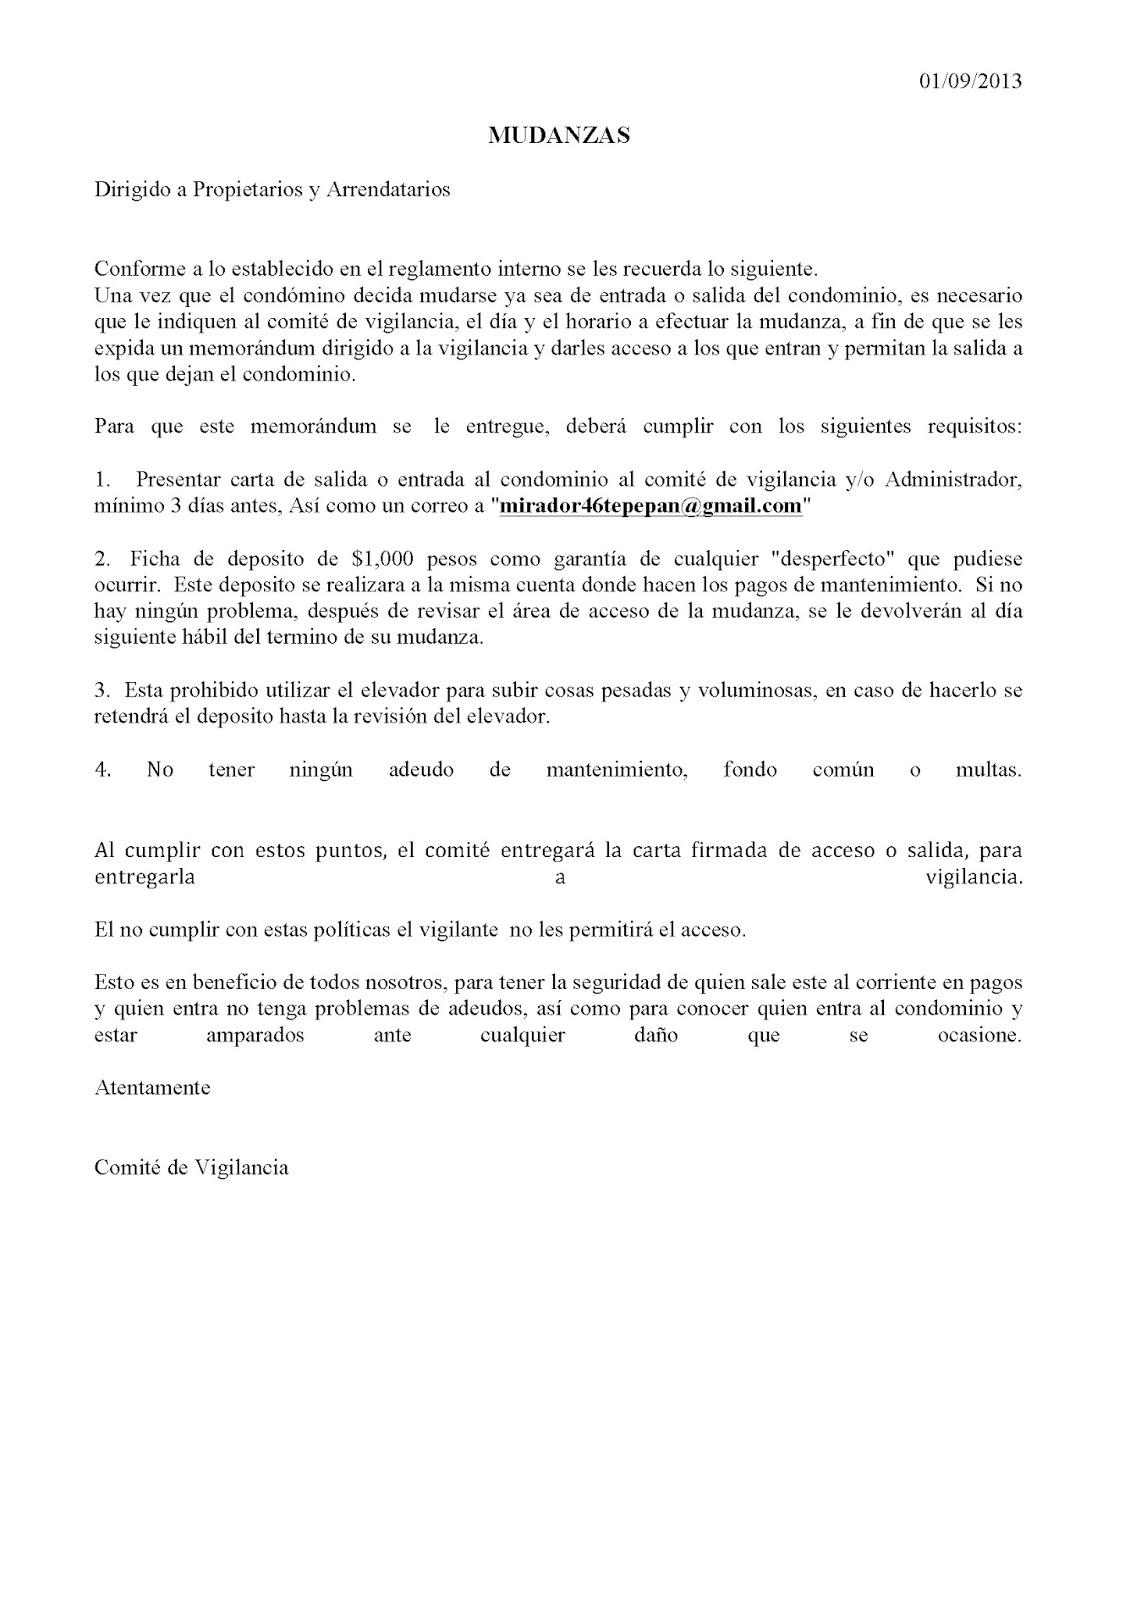 Blog del condominio Mirador 46: septiembre 2013